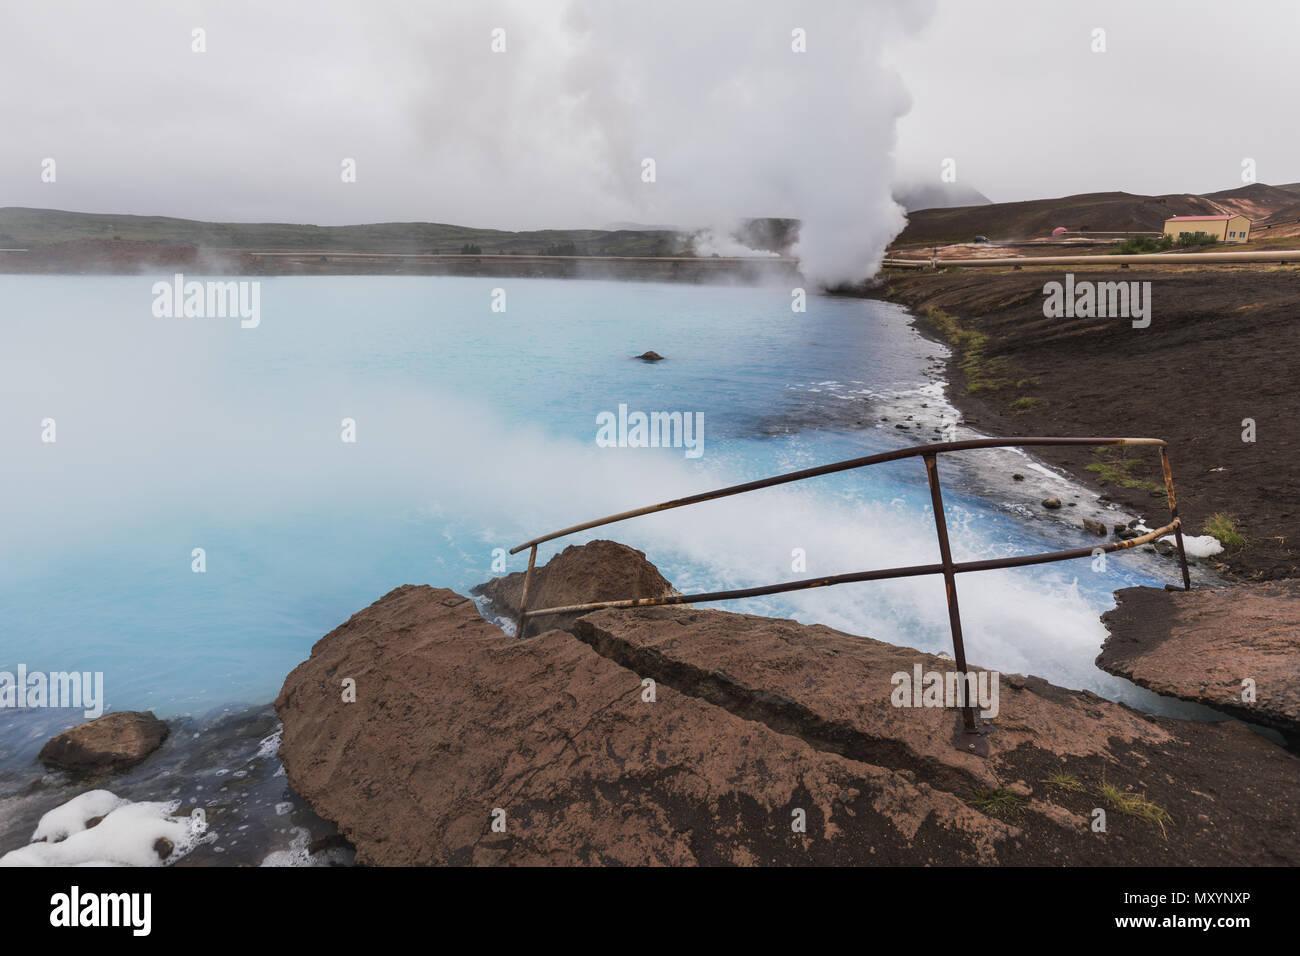 Flusso di acqua verso il blu natura bagno vicino Lago Myvatn nel nord dell'Islanda Immagini Stock